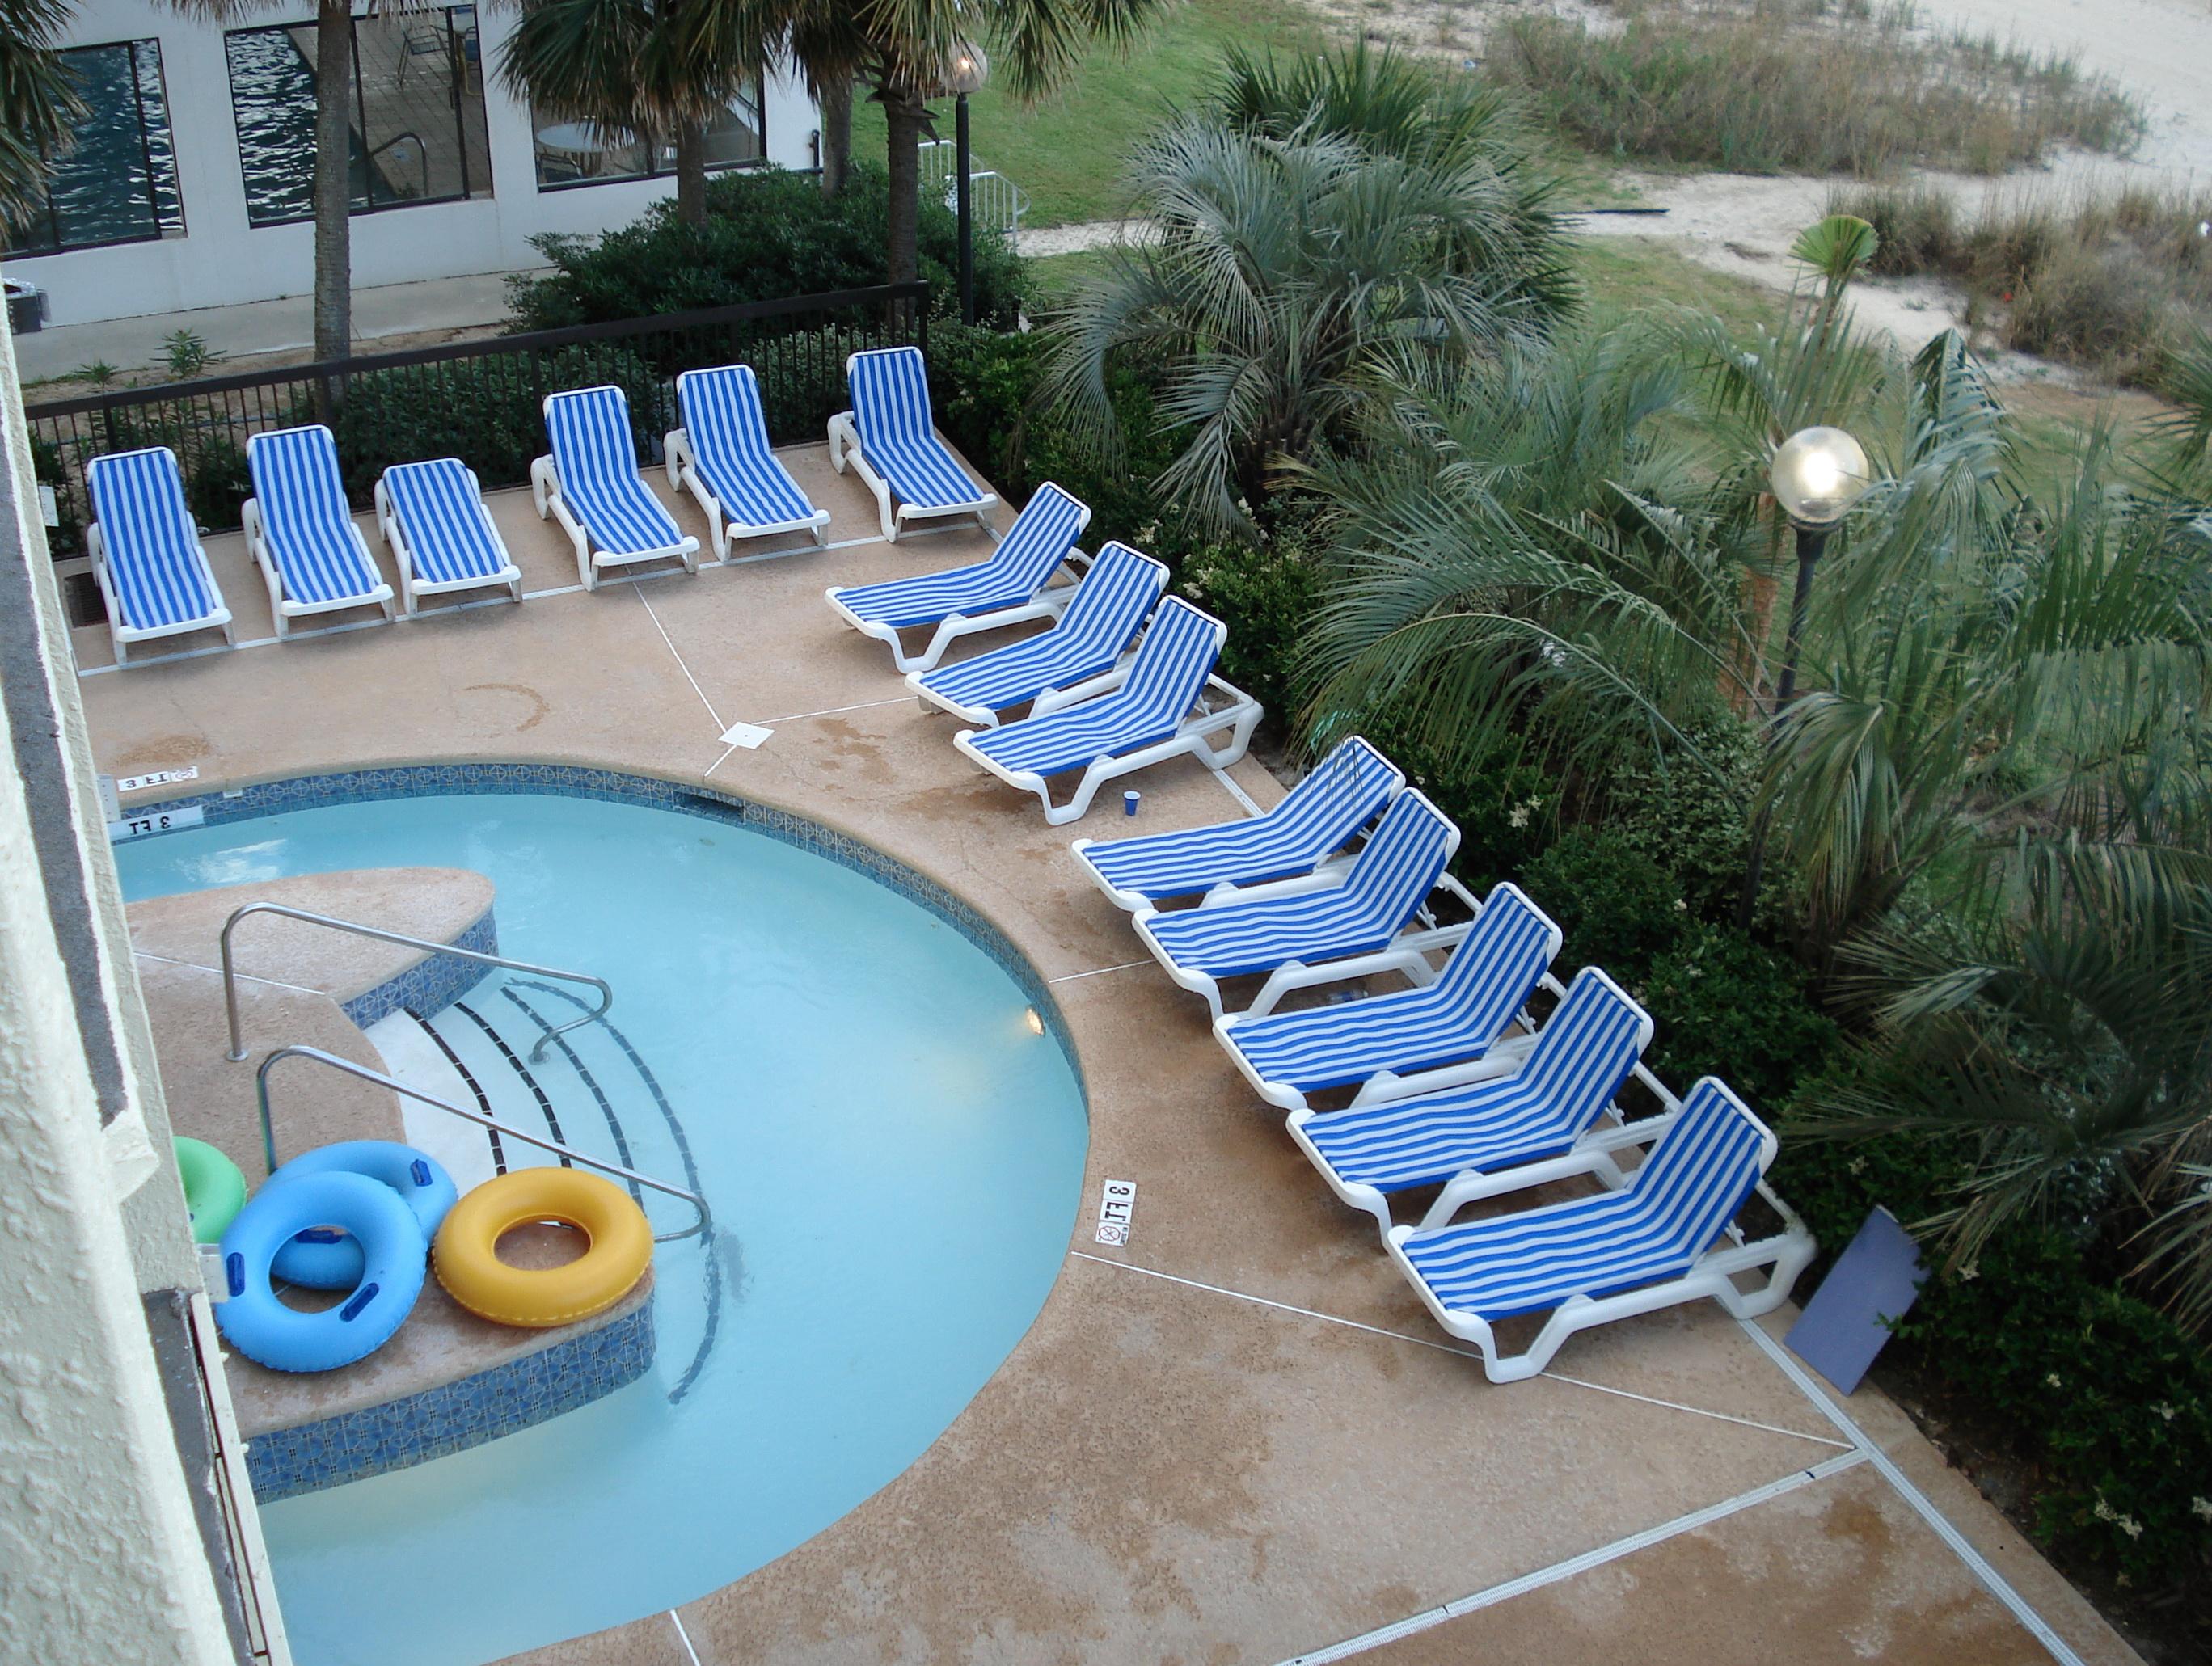 Pool Lounge Chairs Walmart